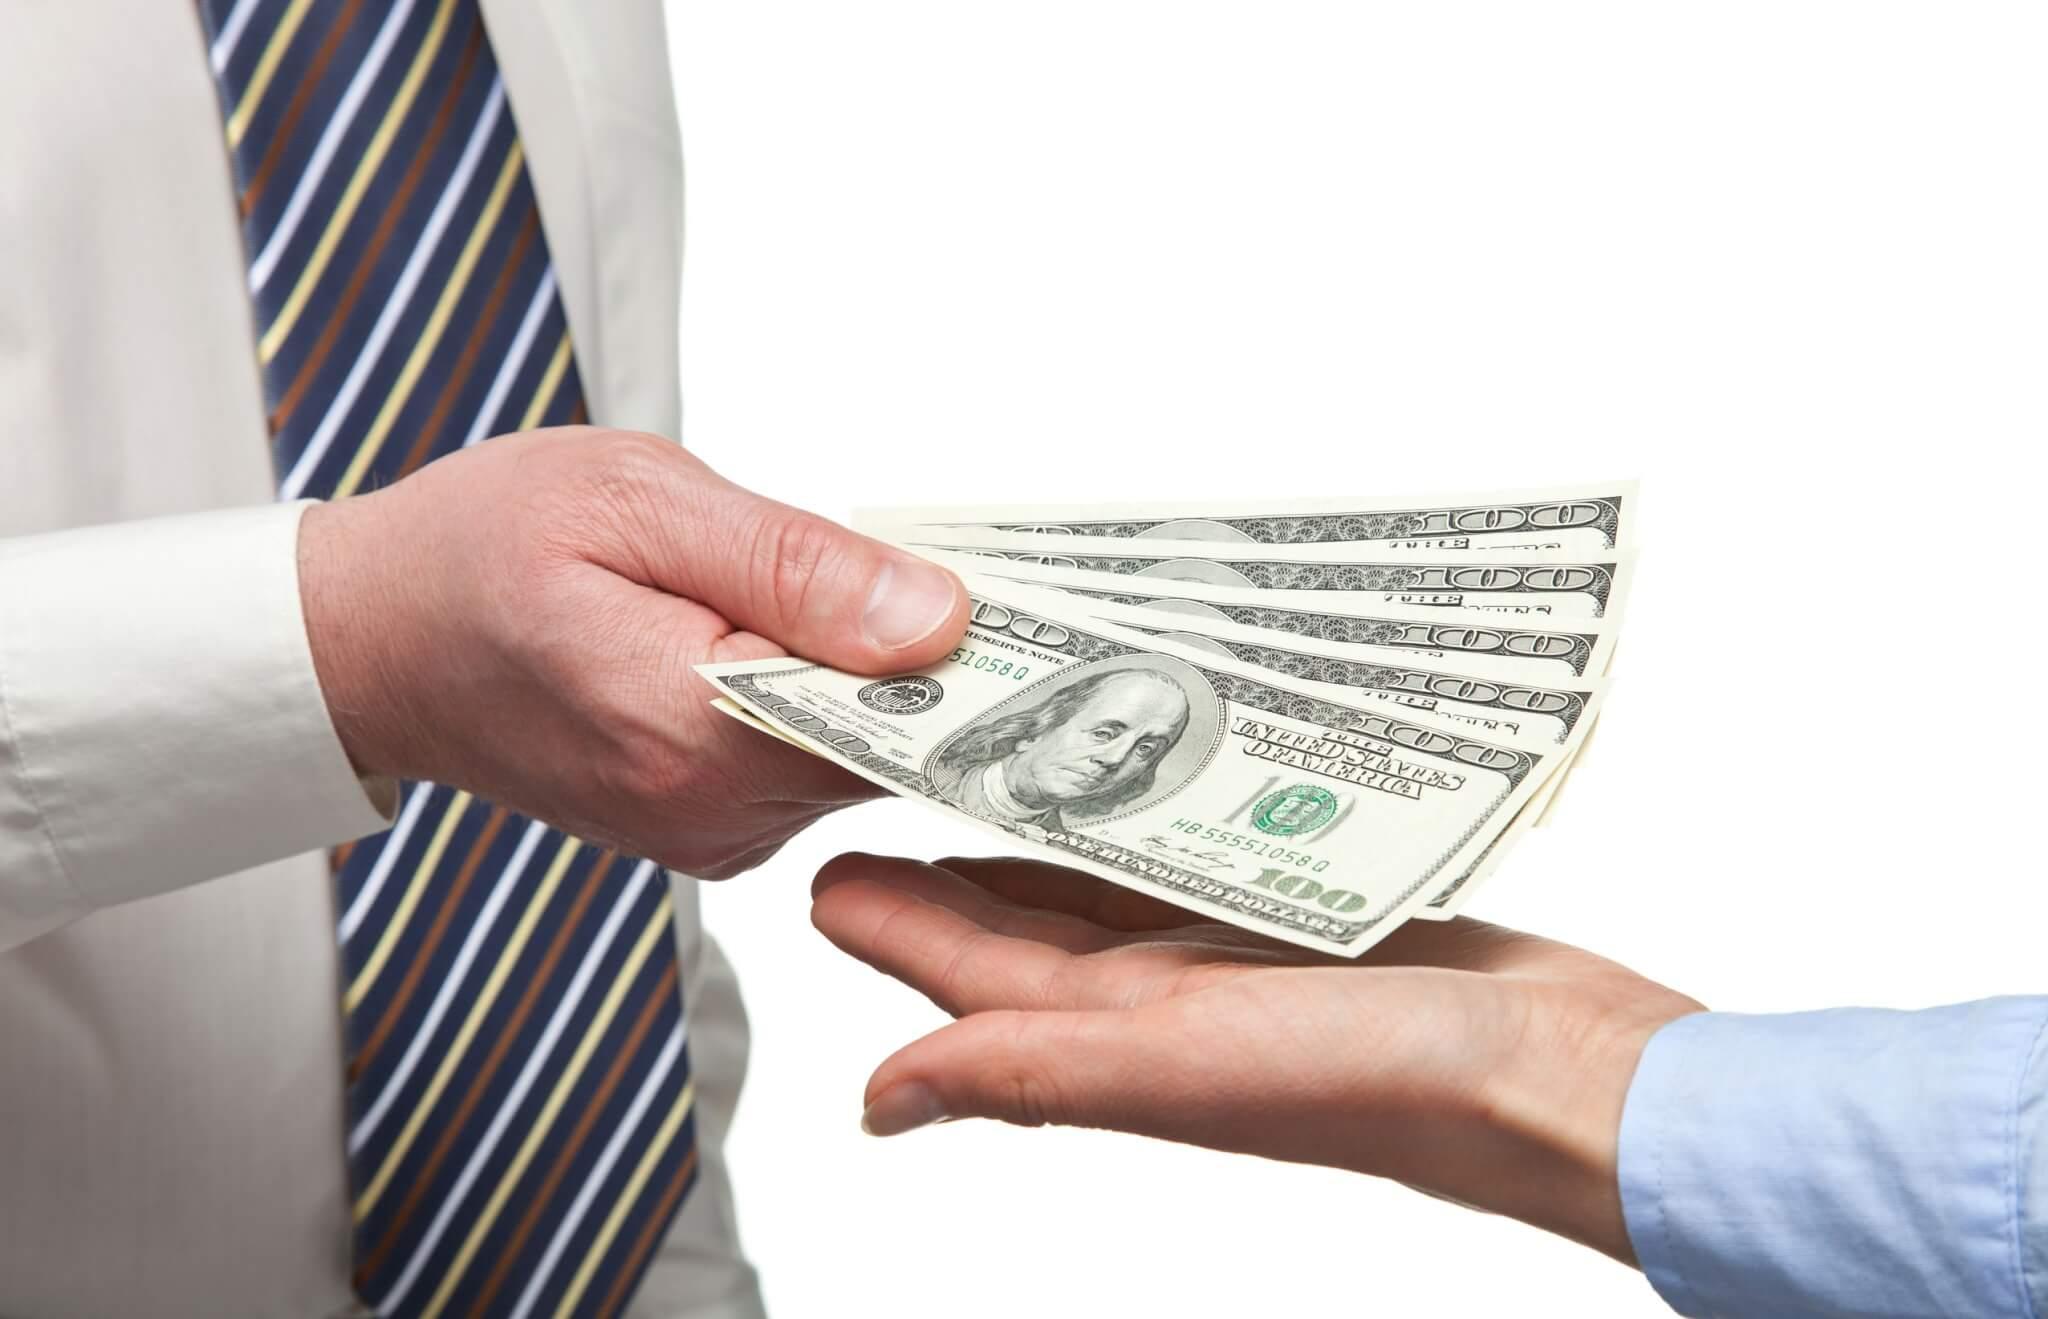 деньги на выдачу займа получил от отца